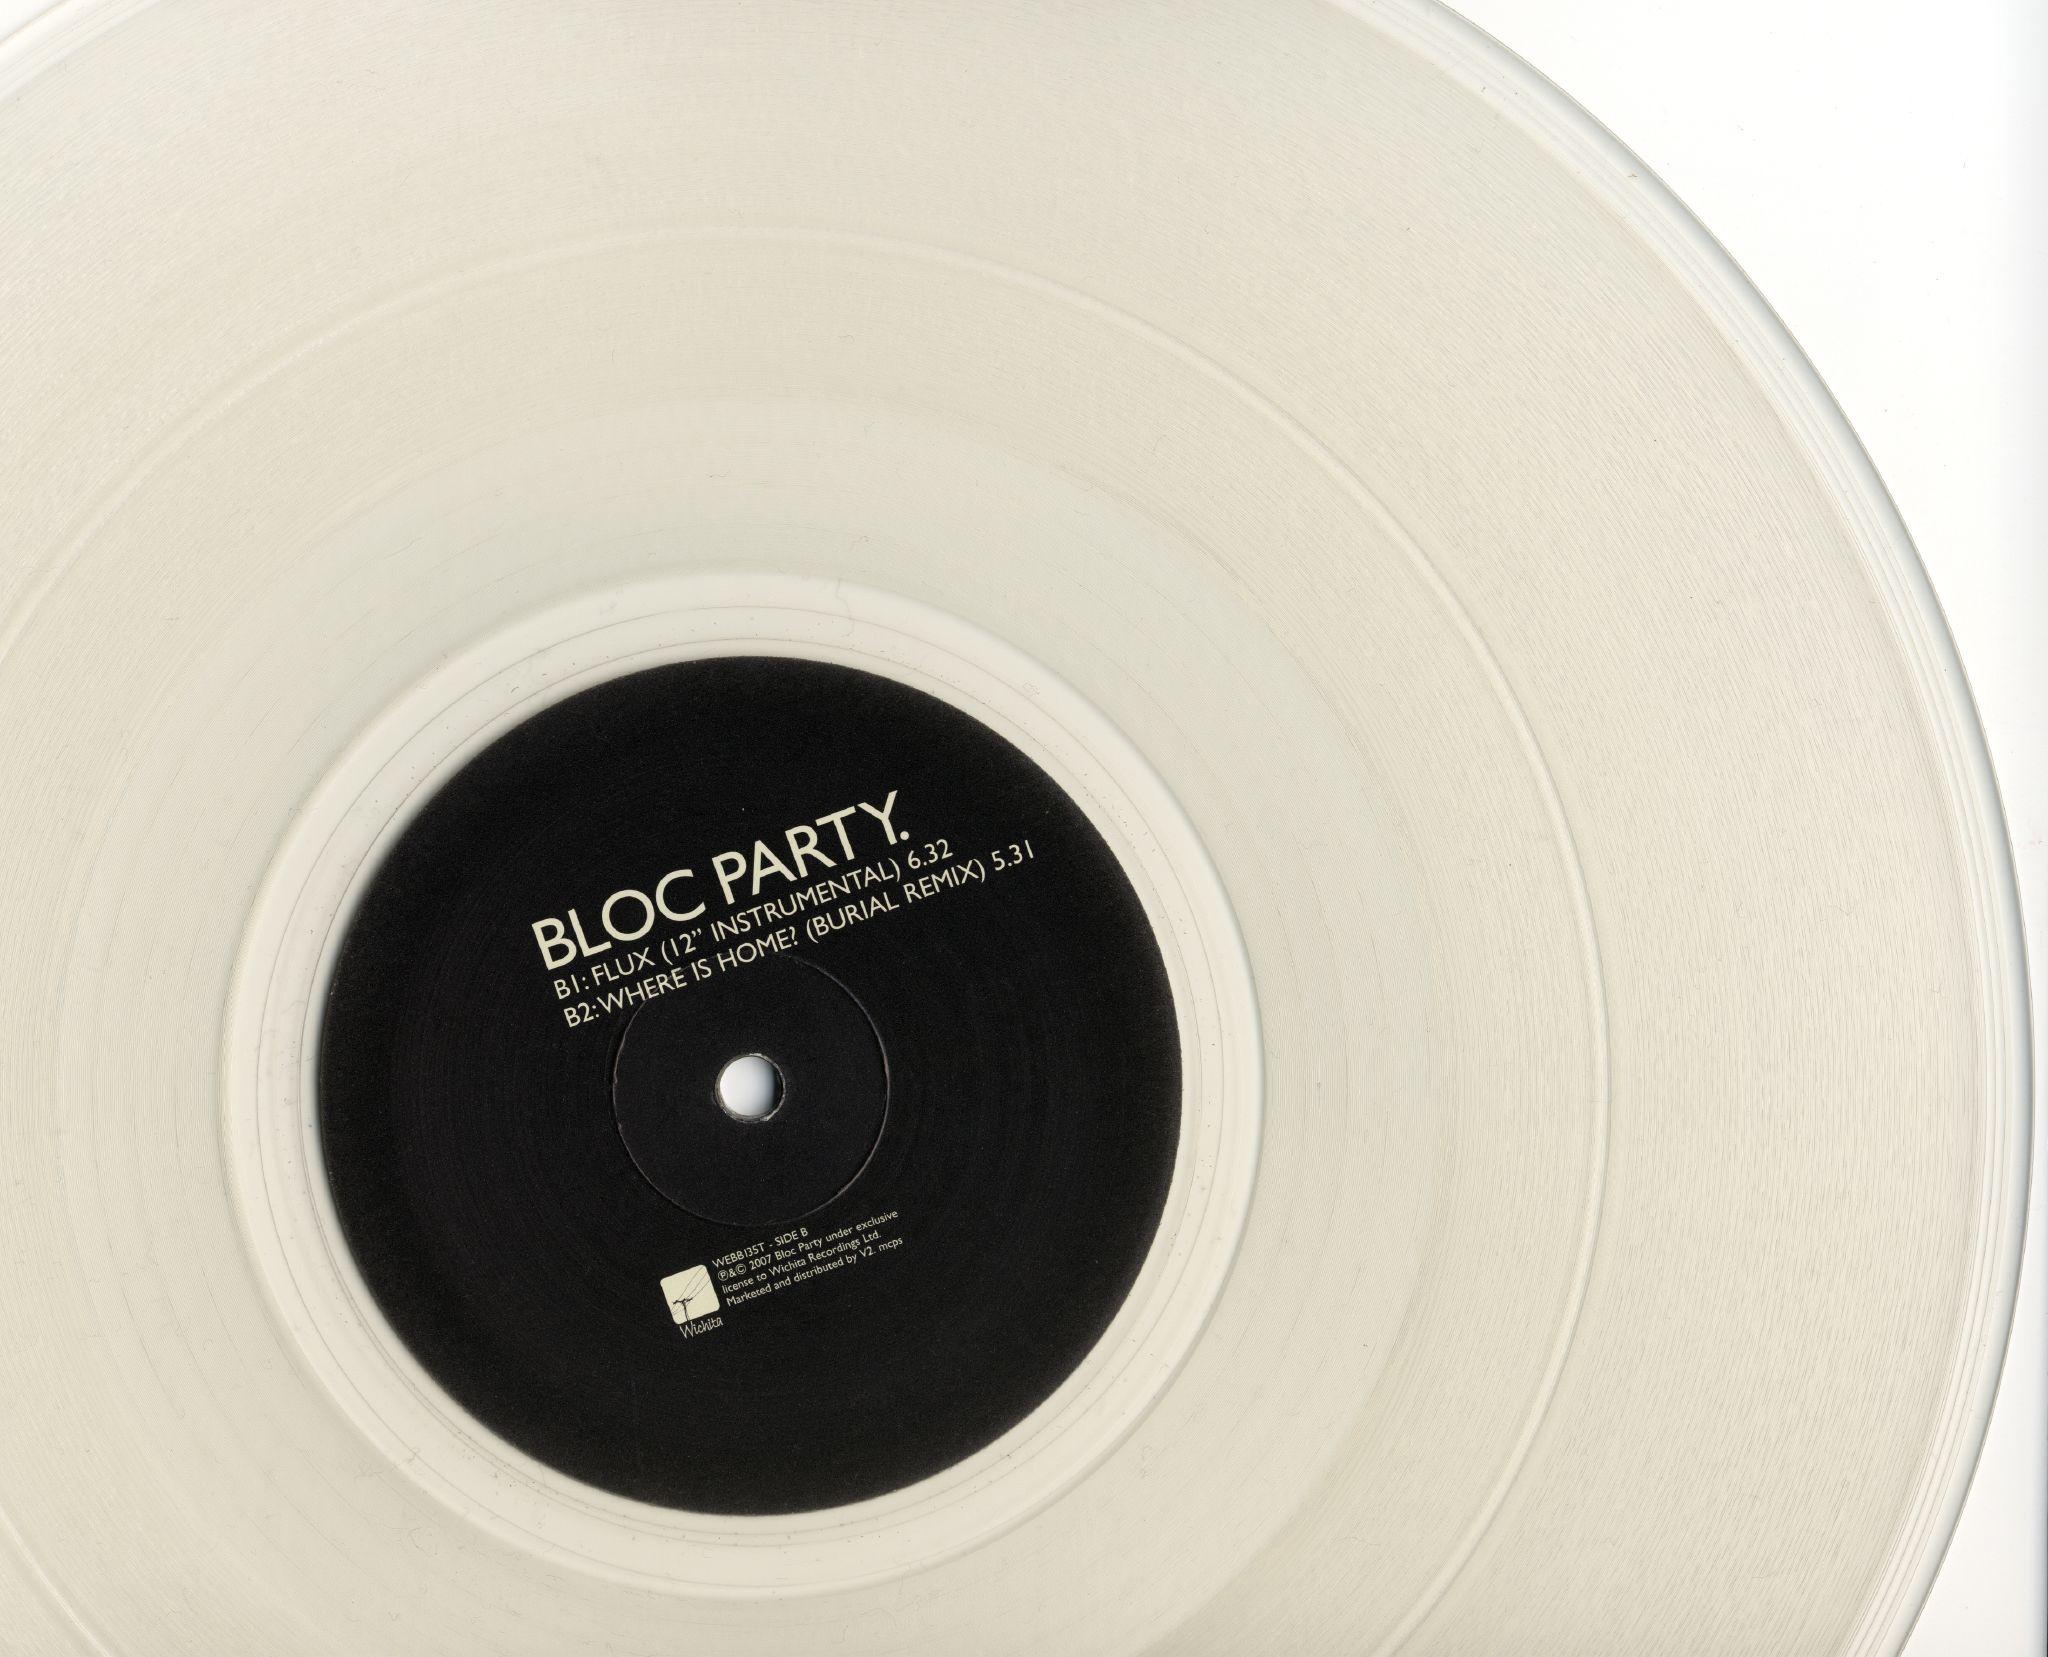 Record Vinyl Wallpaper 2048x1657 Record Vinyl Bloc Party 2048x1657